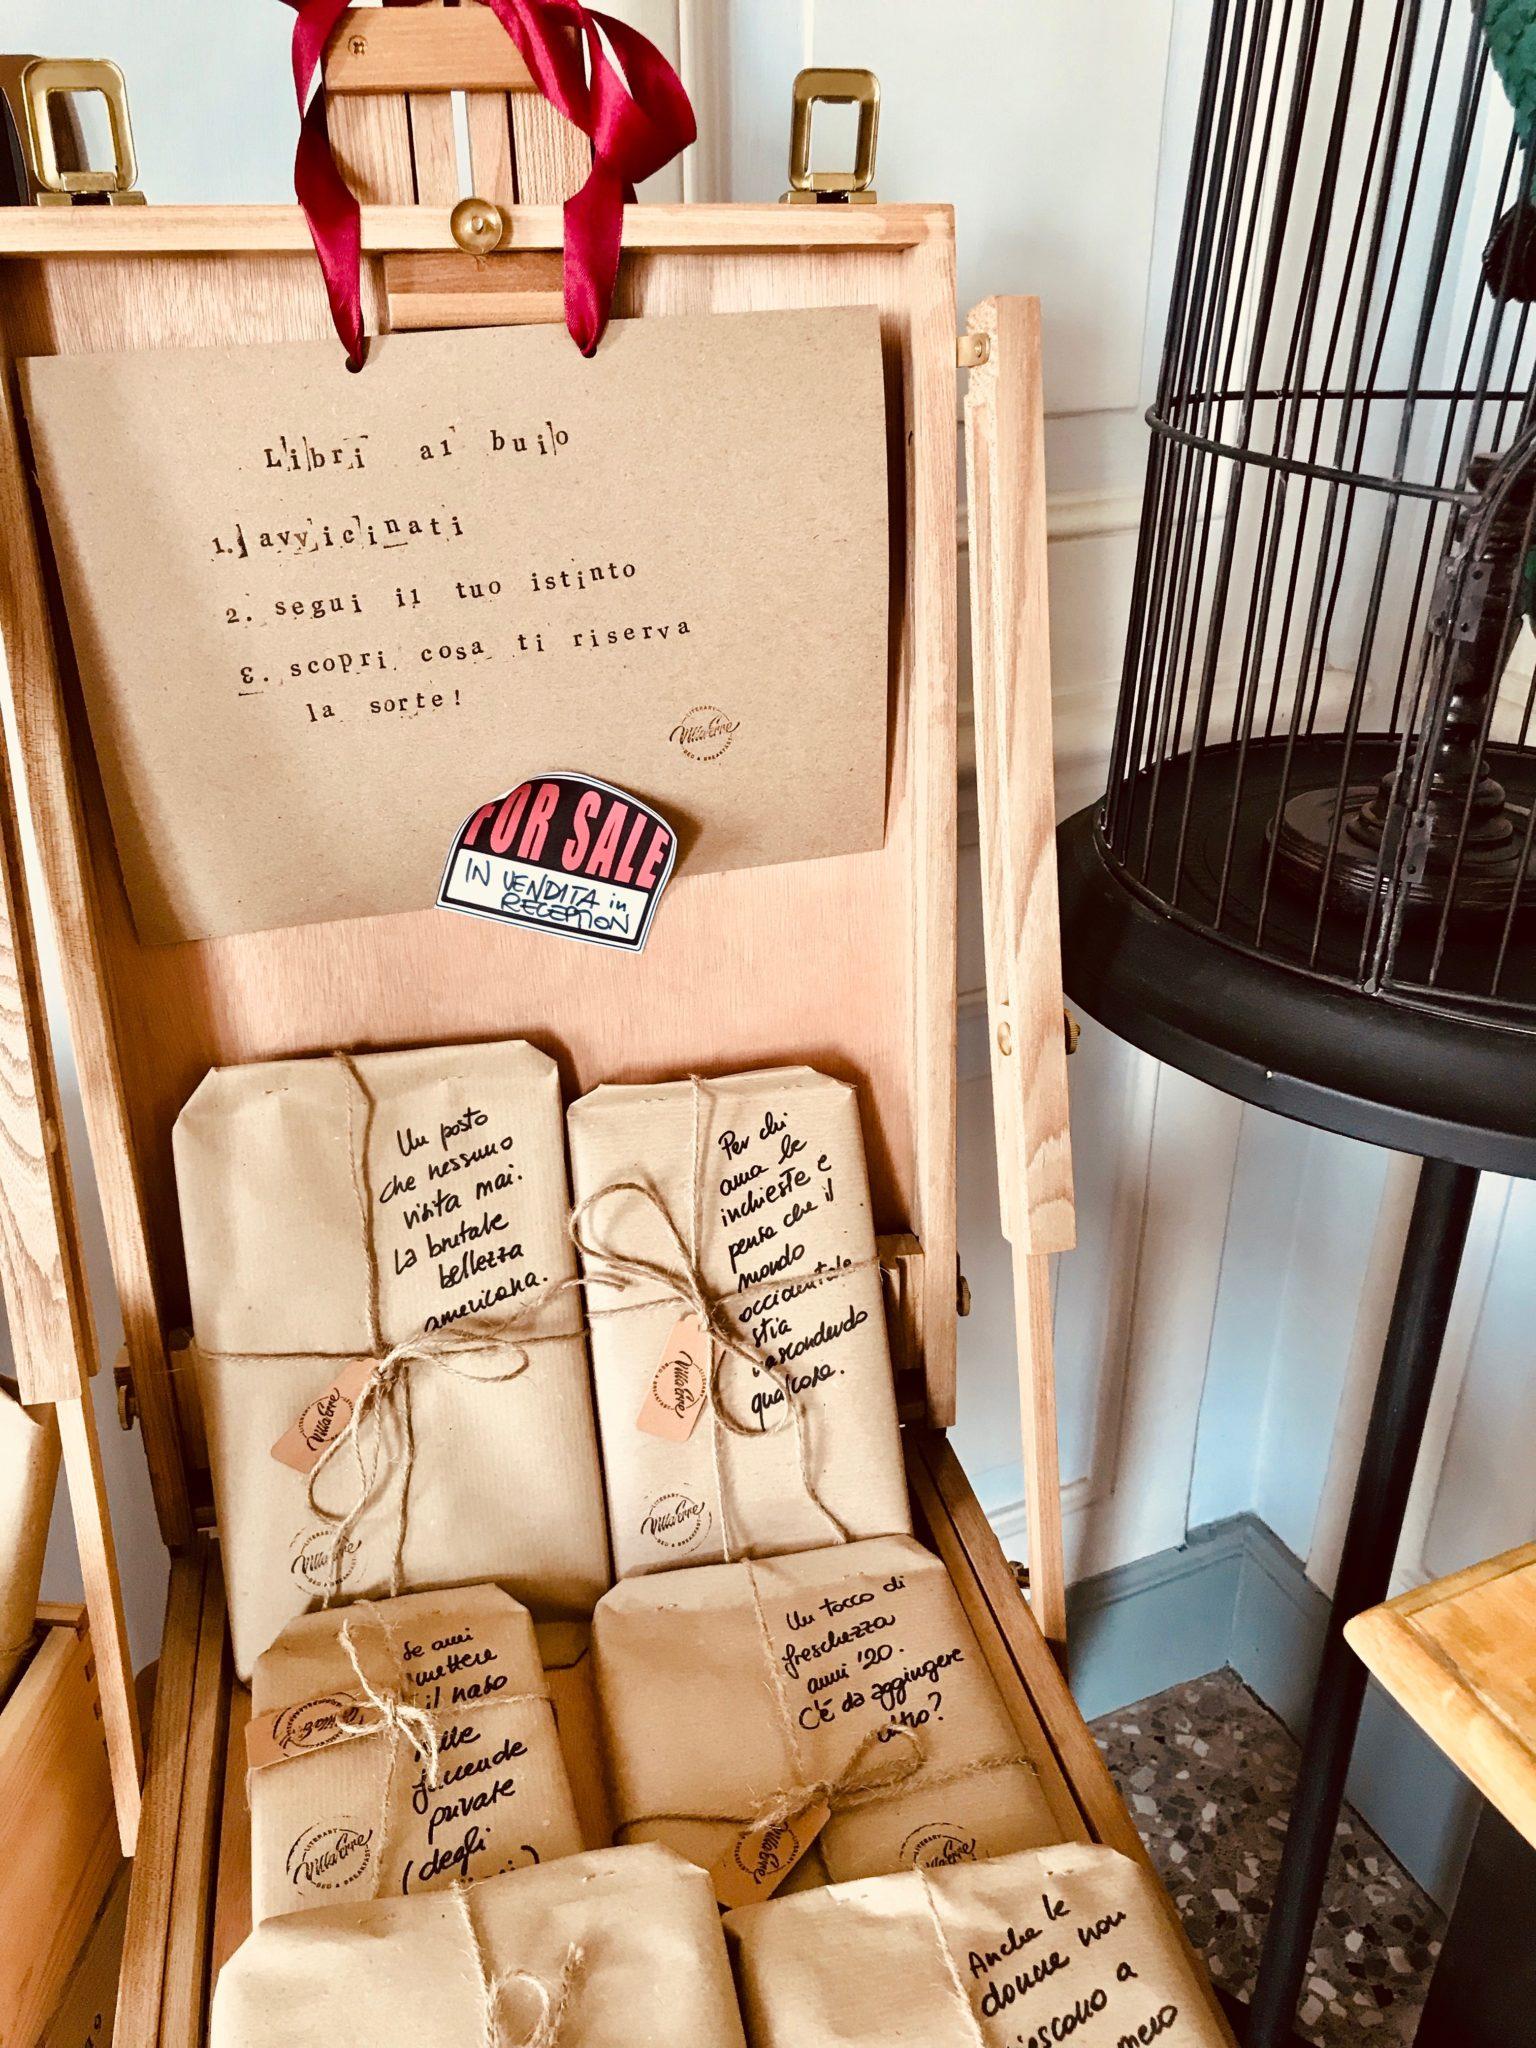 Un Bed&Breakfast letterario dedicato agli amanti della lettura e della scrittura. Oltre 1000 titoli da scoprire in una Villa di fine '800 immersa nel verde.